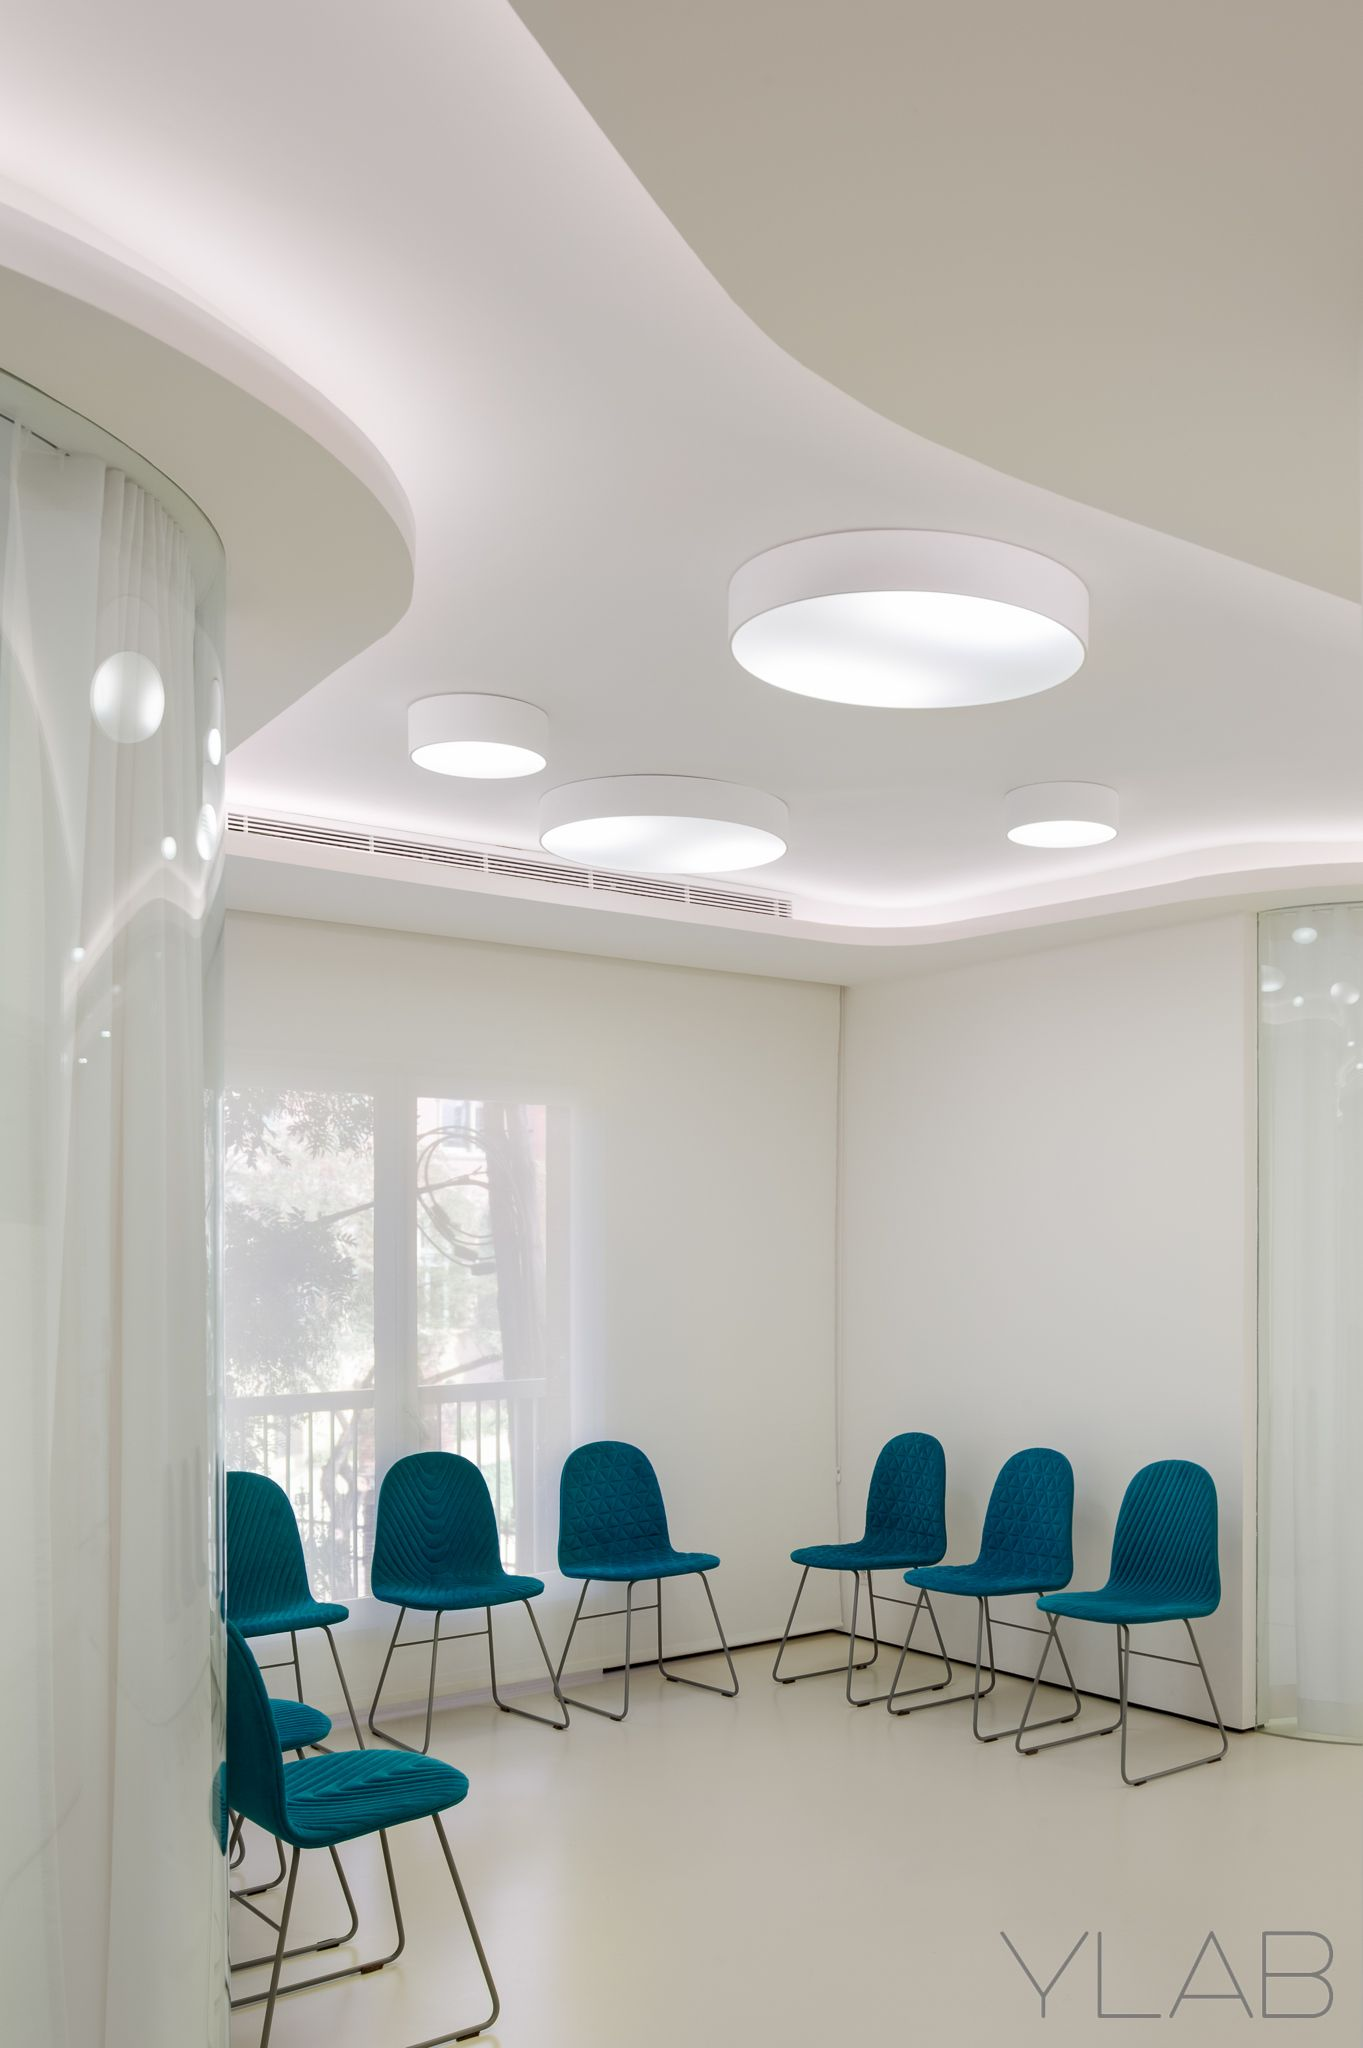 Dental clinic vallès vallès by ylab arquitectos barcelona